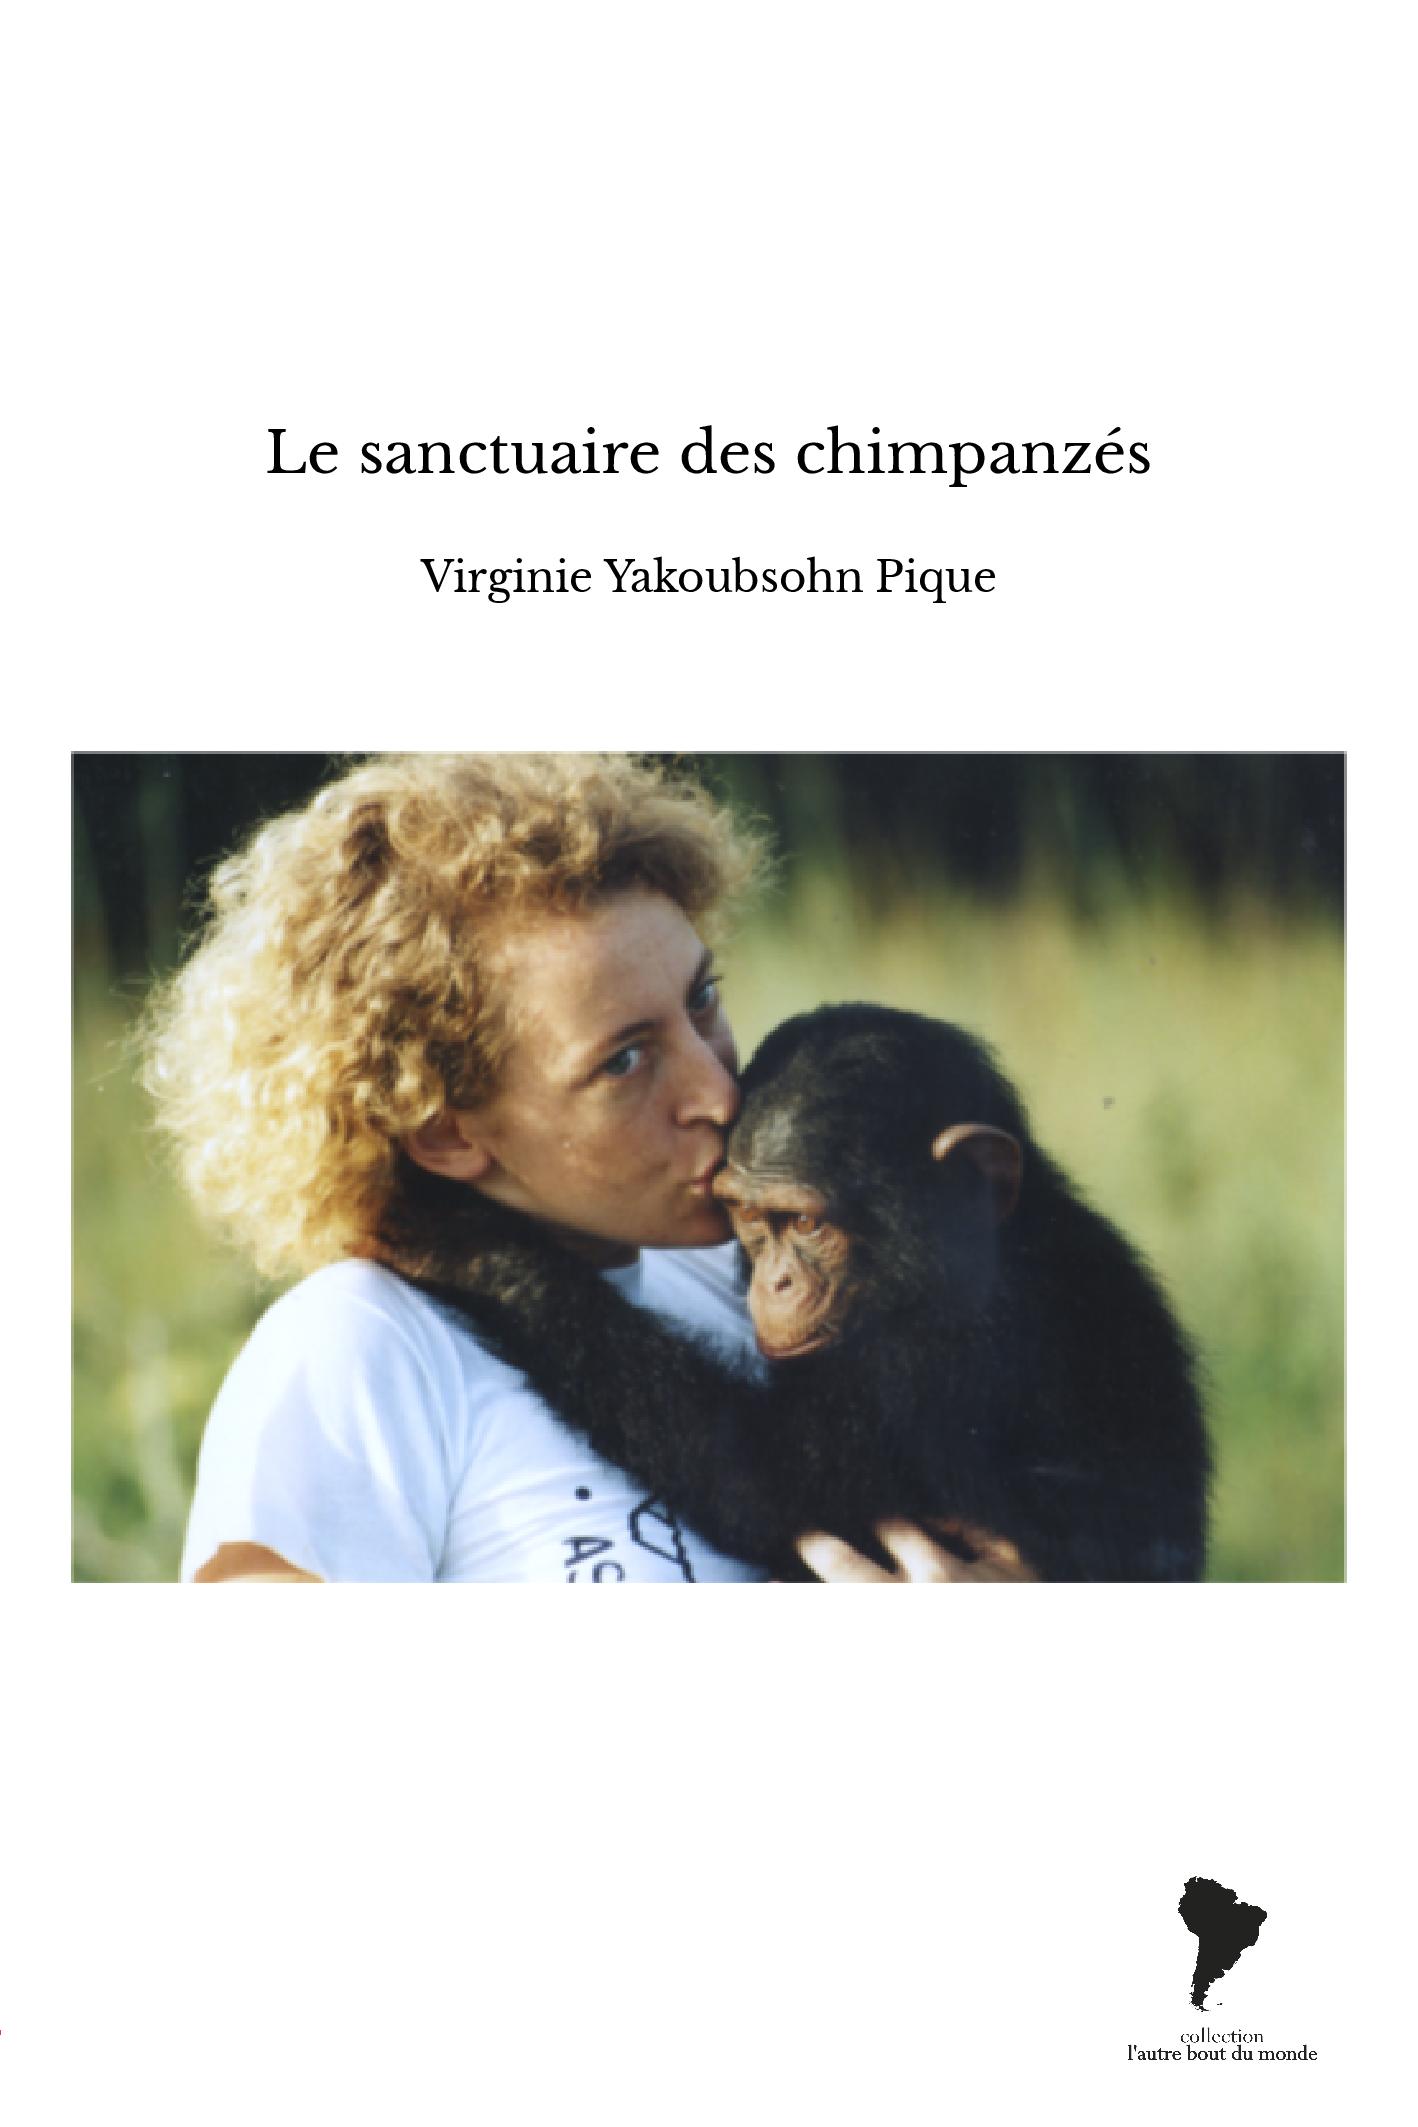 Le sanctuaire des chimpanzés